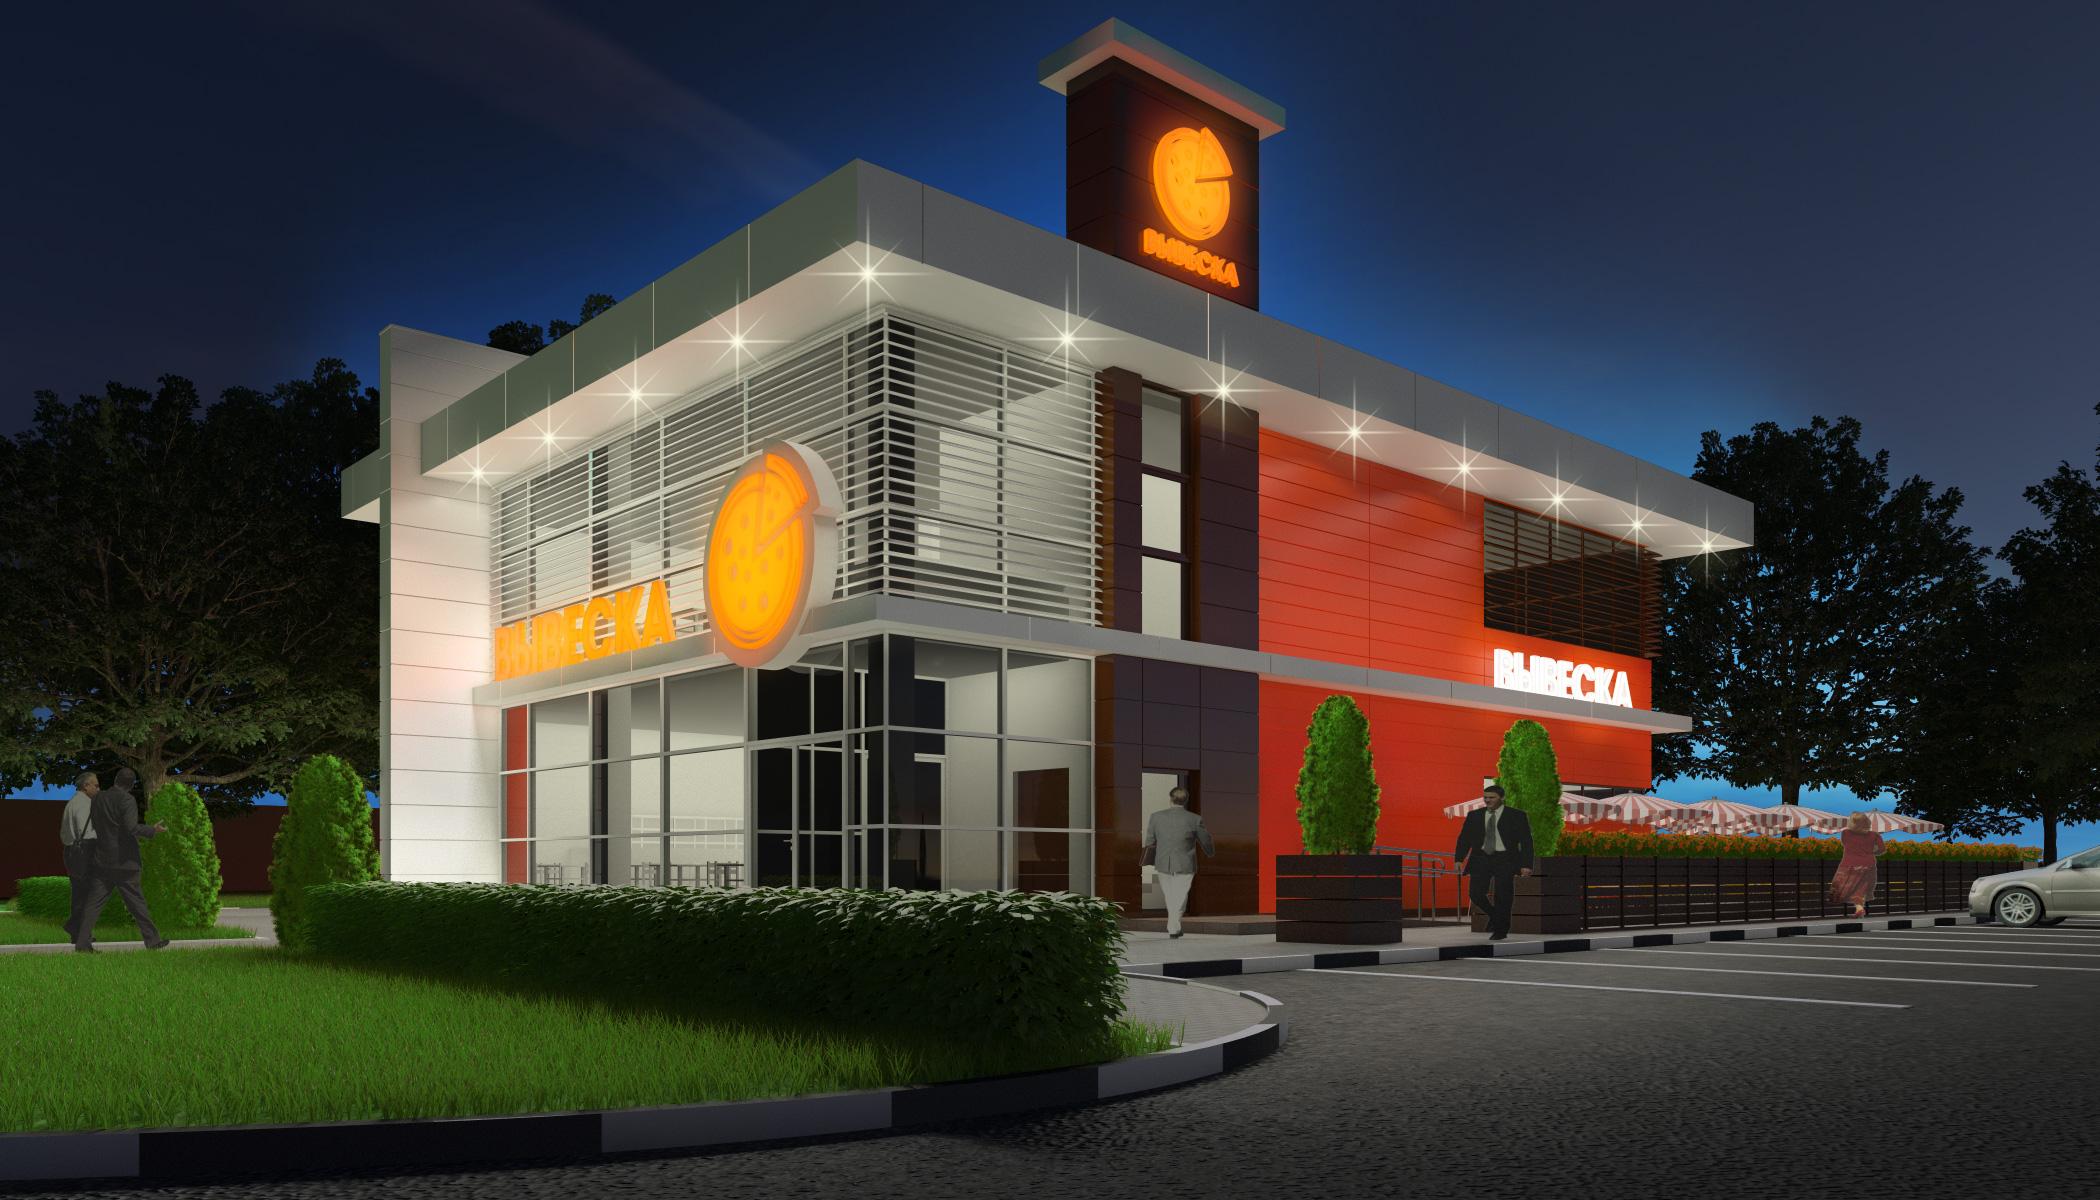 Общий вид здания пиццерии с ночной подсветкой